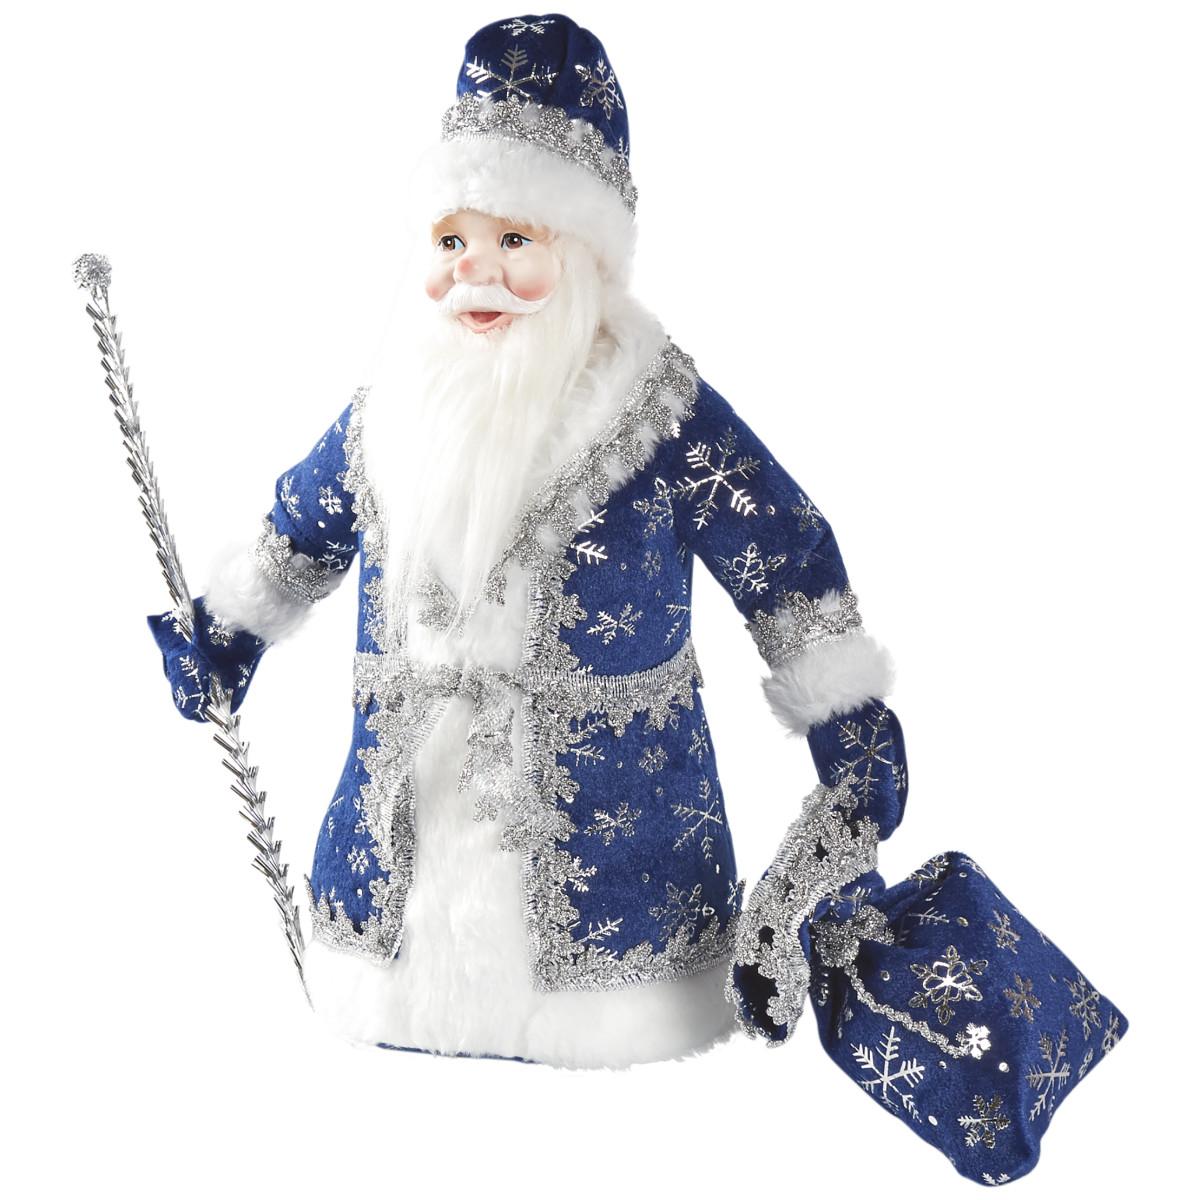 Декоративная фигура «Дед Мороз под елку» 40 см синий